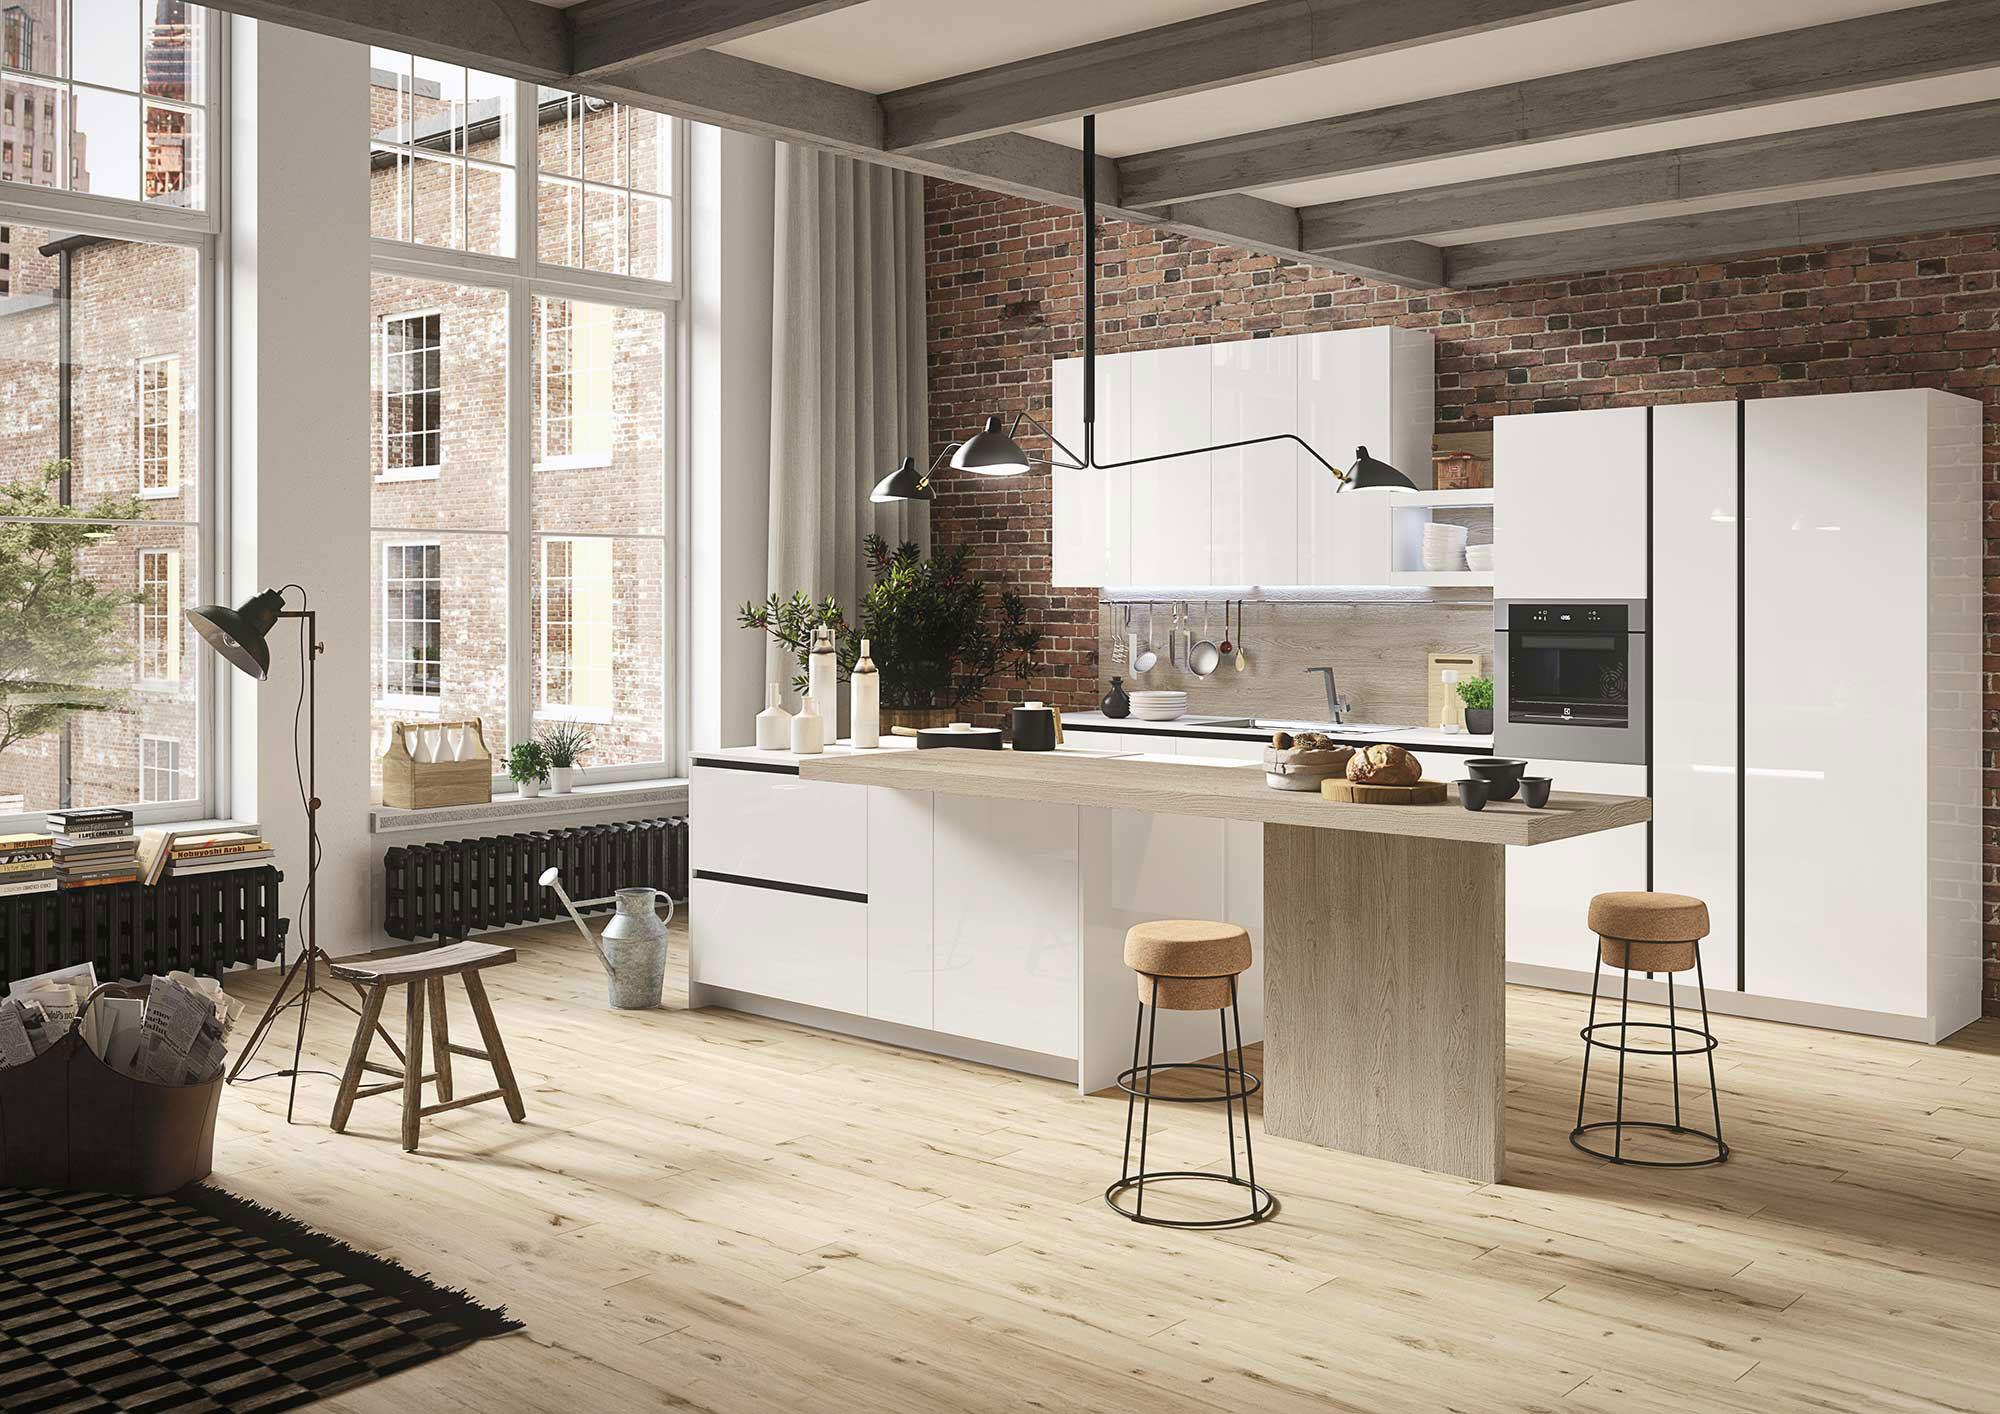 Arredamenti italia sga ambienti vercelli cucine living for Arredamenti vercelli